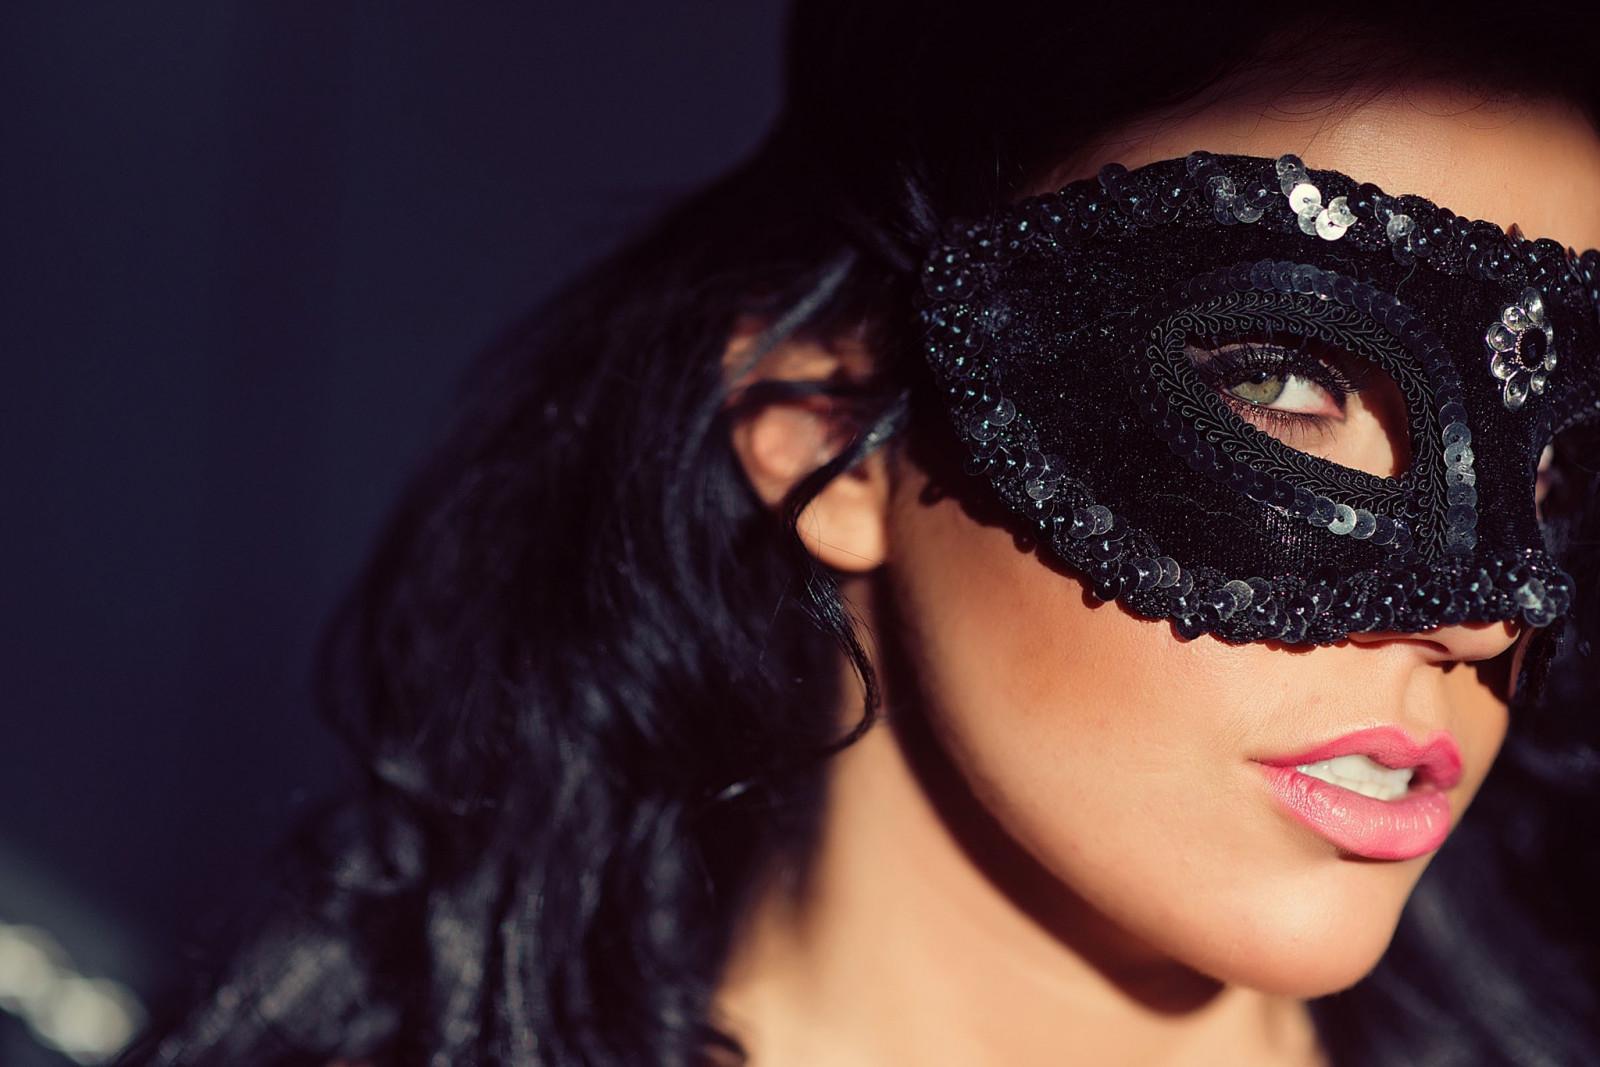 Фото русой девушки серьезной в черной маске домашнее порно